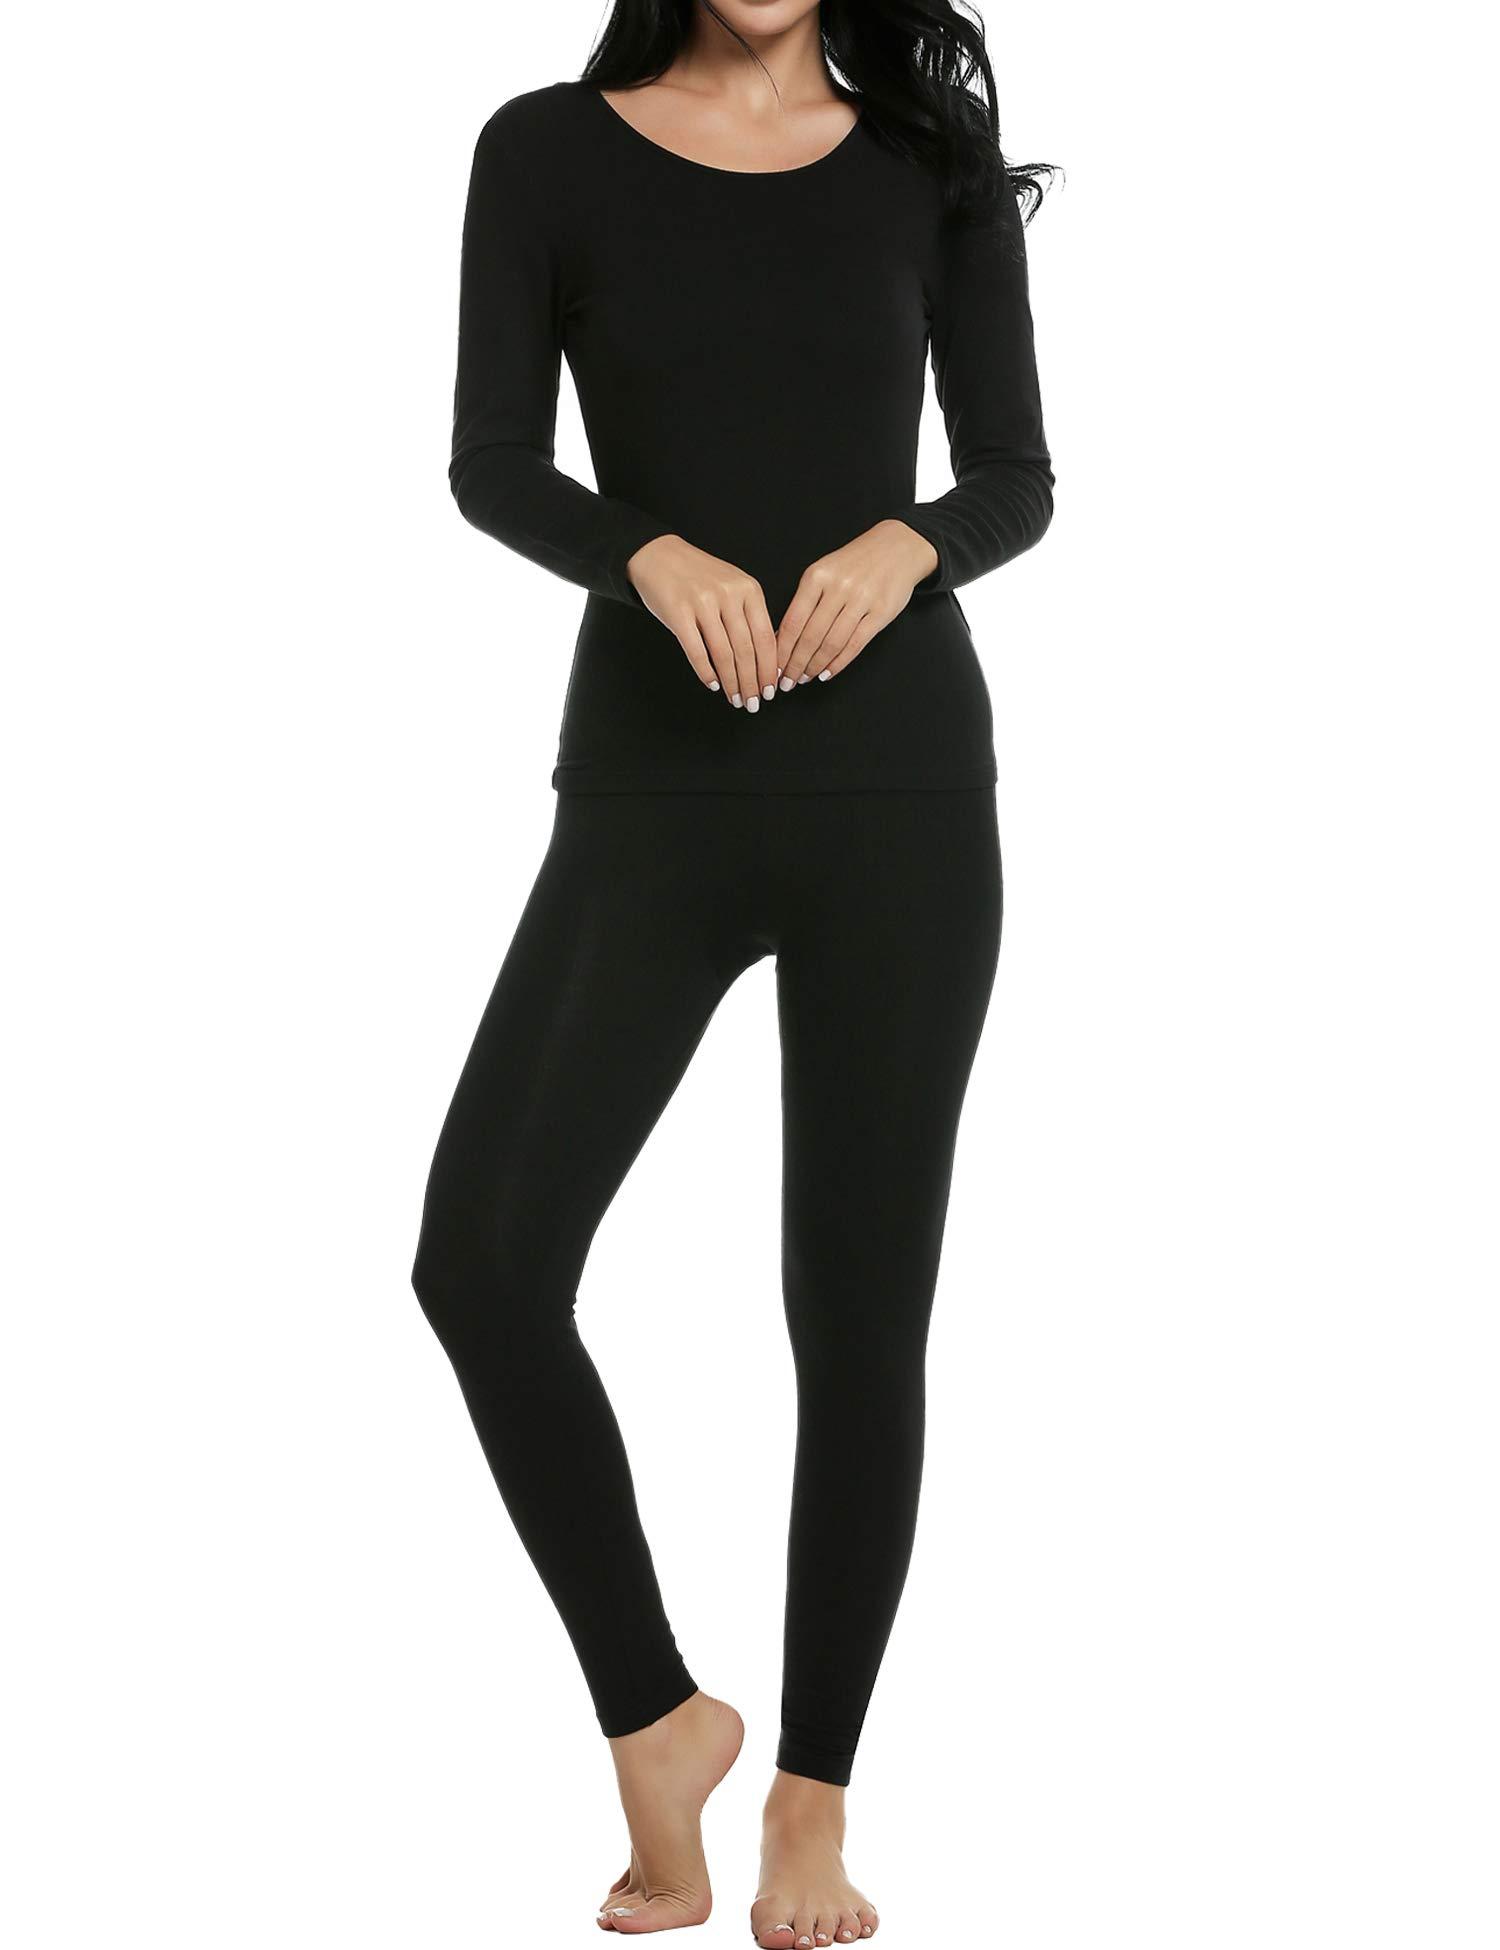 bec6d8e39027f Ekouaer Thermal Underwear Women s Soft Long John Winter Base Layer Slimming  Sleepwear PJs Set S-